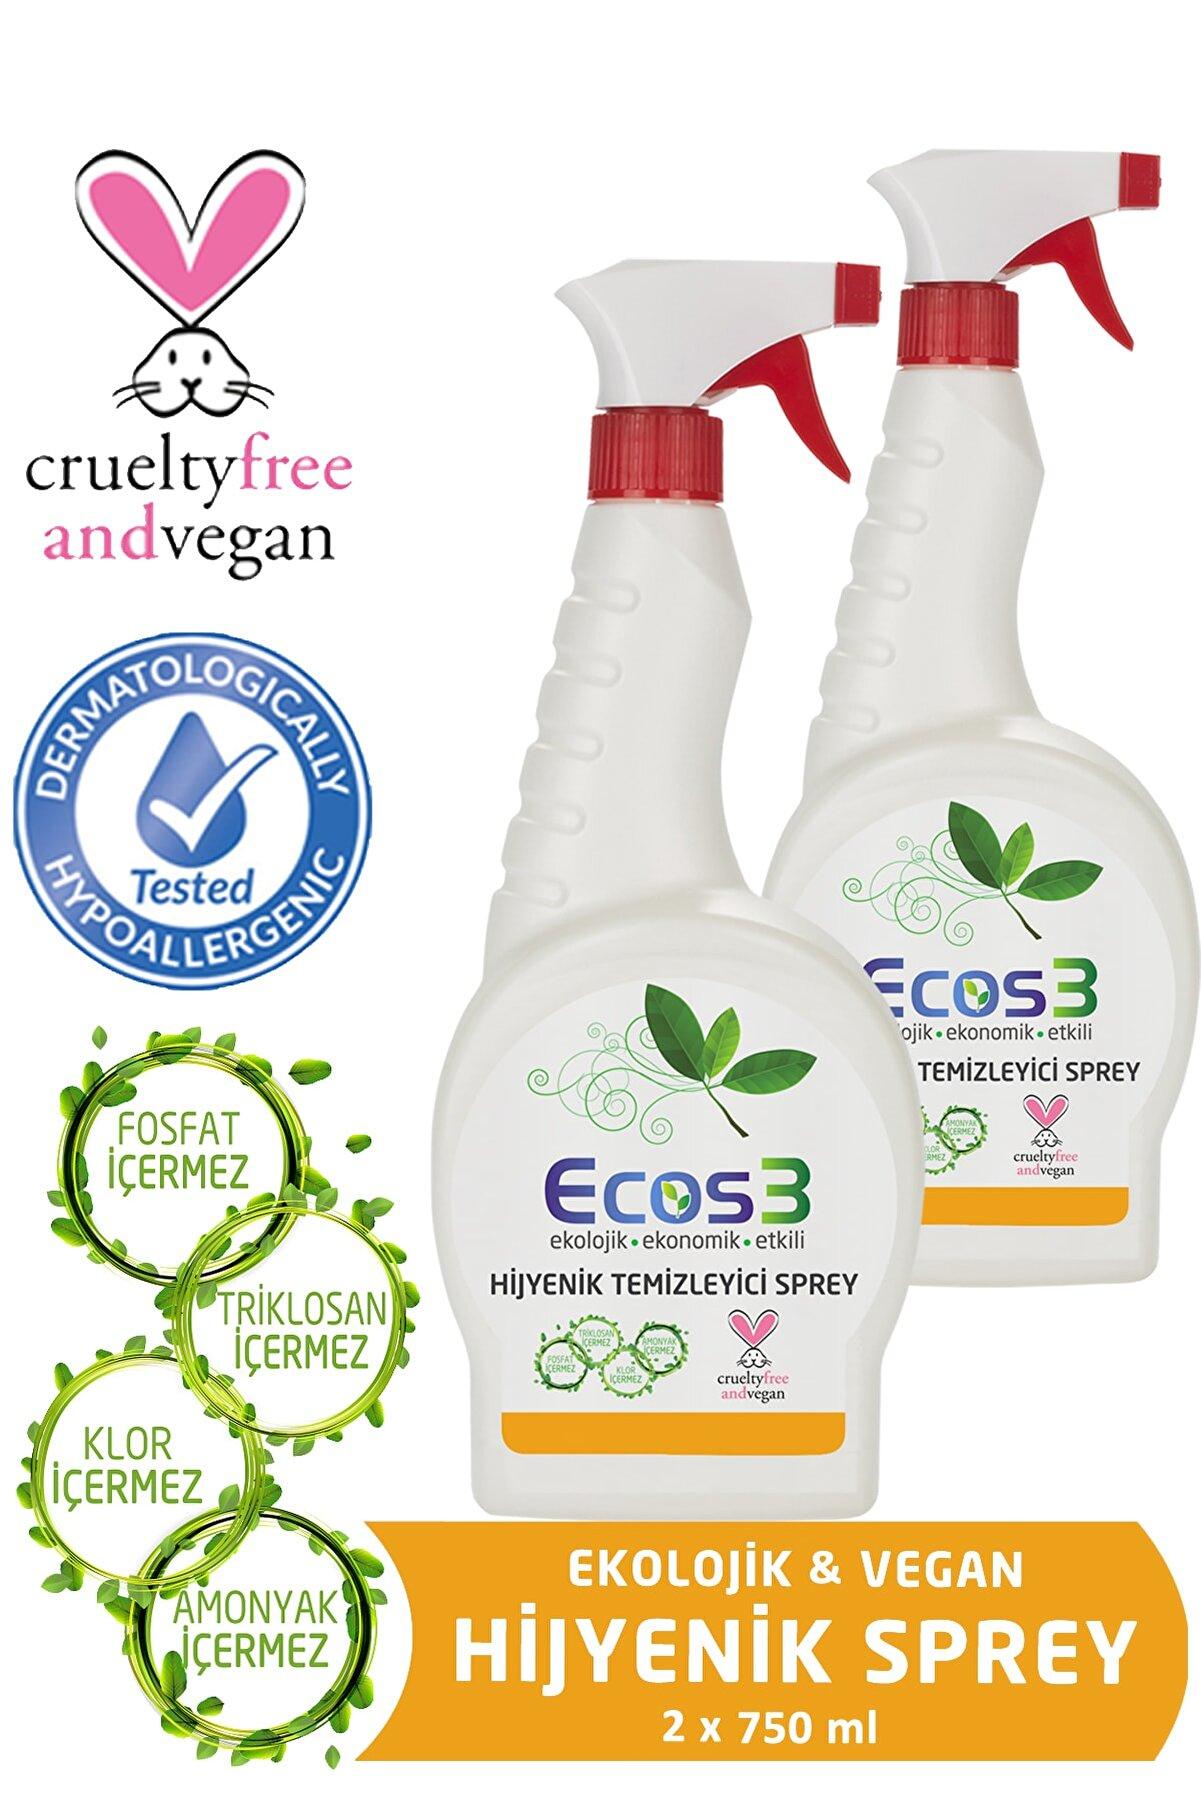 Ecos3 Ekolojik Hijyenik Temizleyici Sprey 750 ml x 2